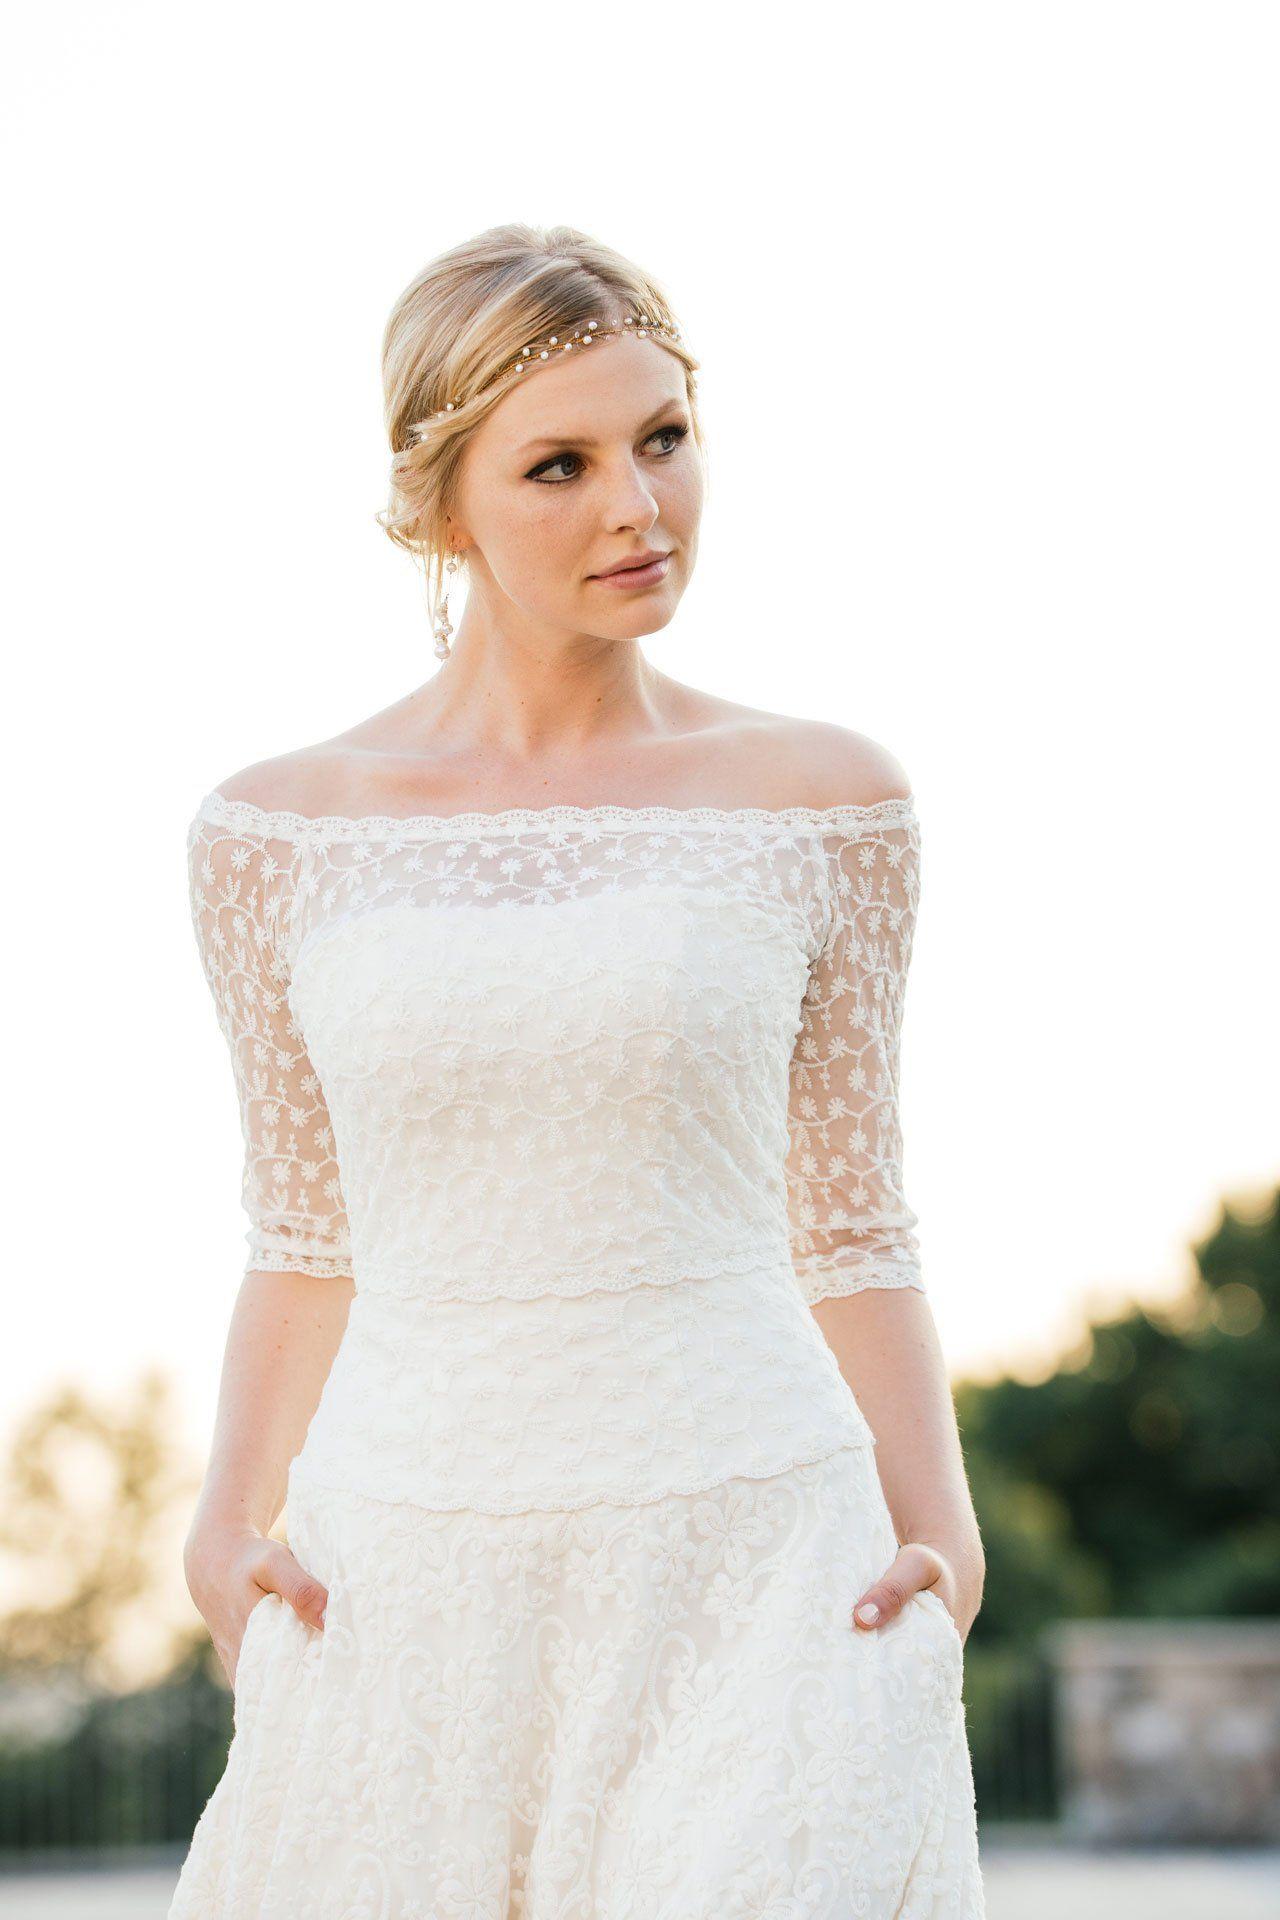 Brautkleid A-Linie mit passendem Blumen-Spitzenbolero – unsere Tilda ...